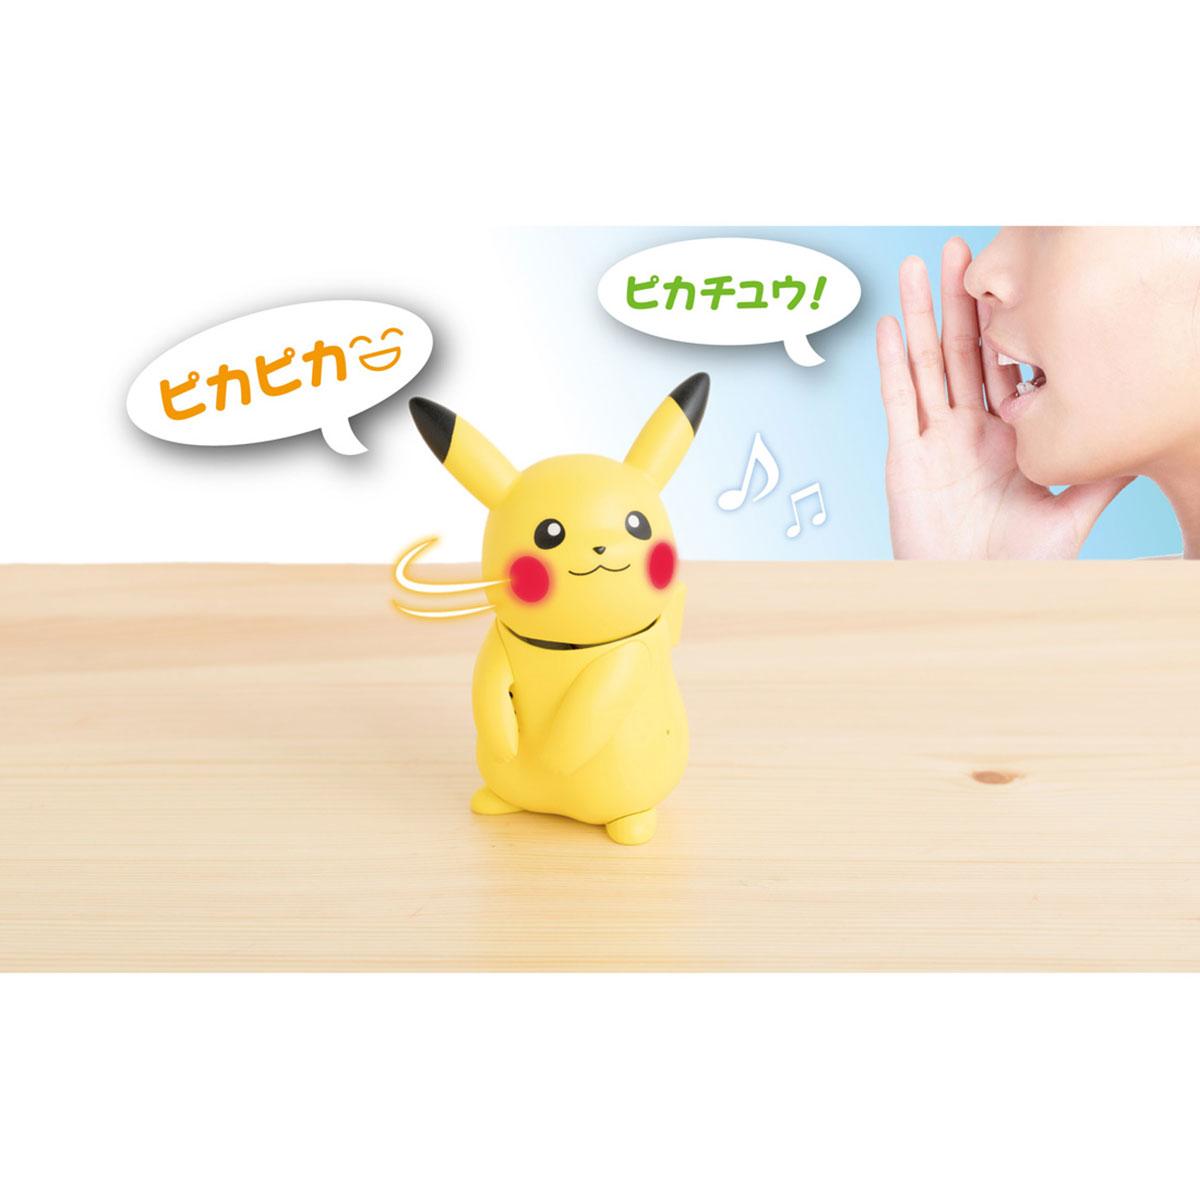 タカラトミーから、ピカチュウ型ロボット「ねえ HelloPika」が発売